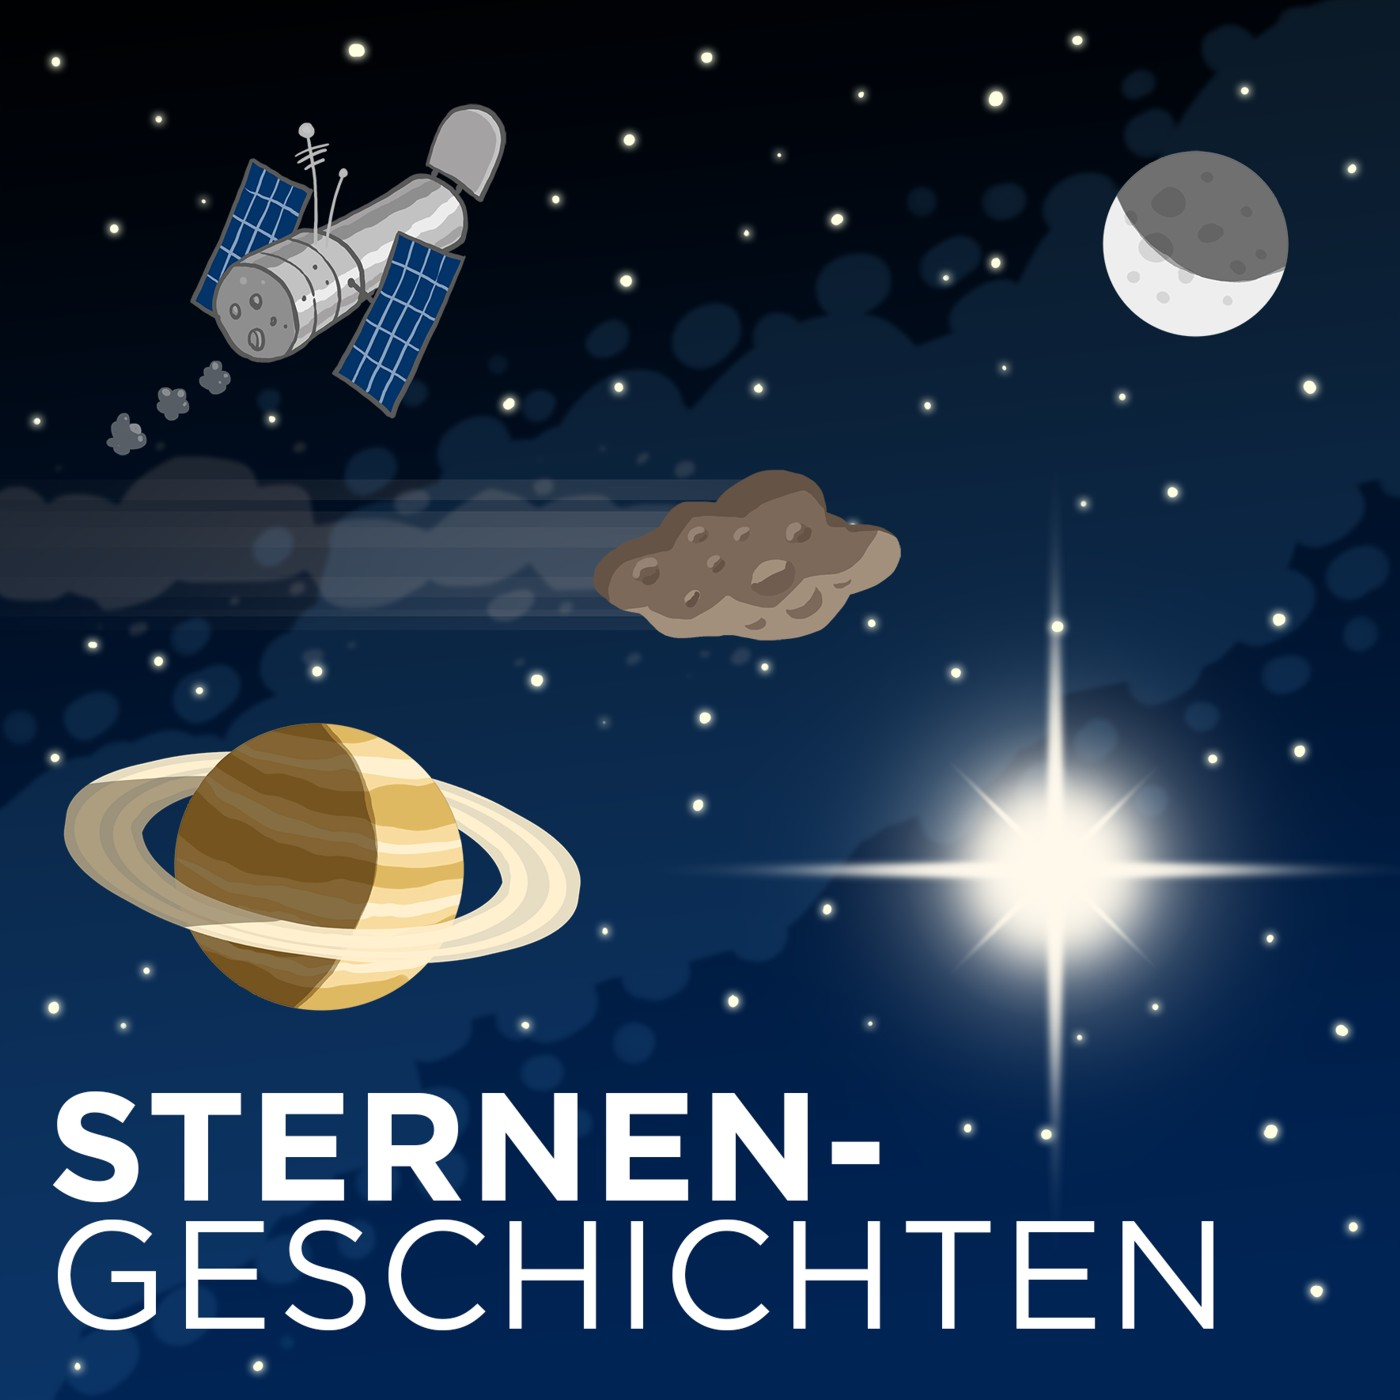 Sternengeschichten Folge 413: Wie die Sonne nicht leuchtet